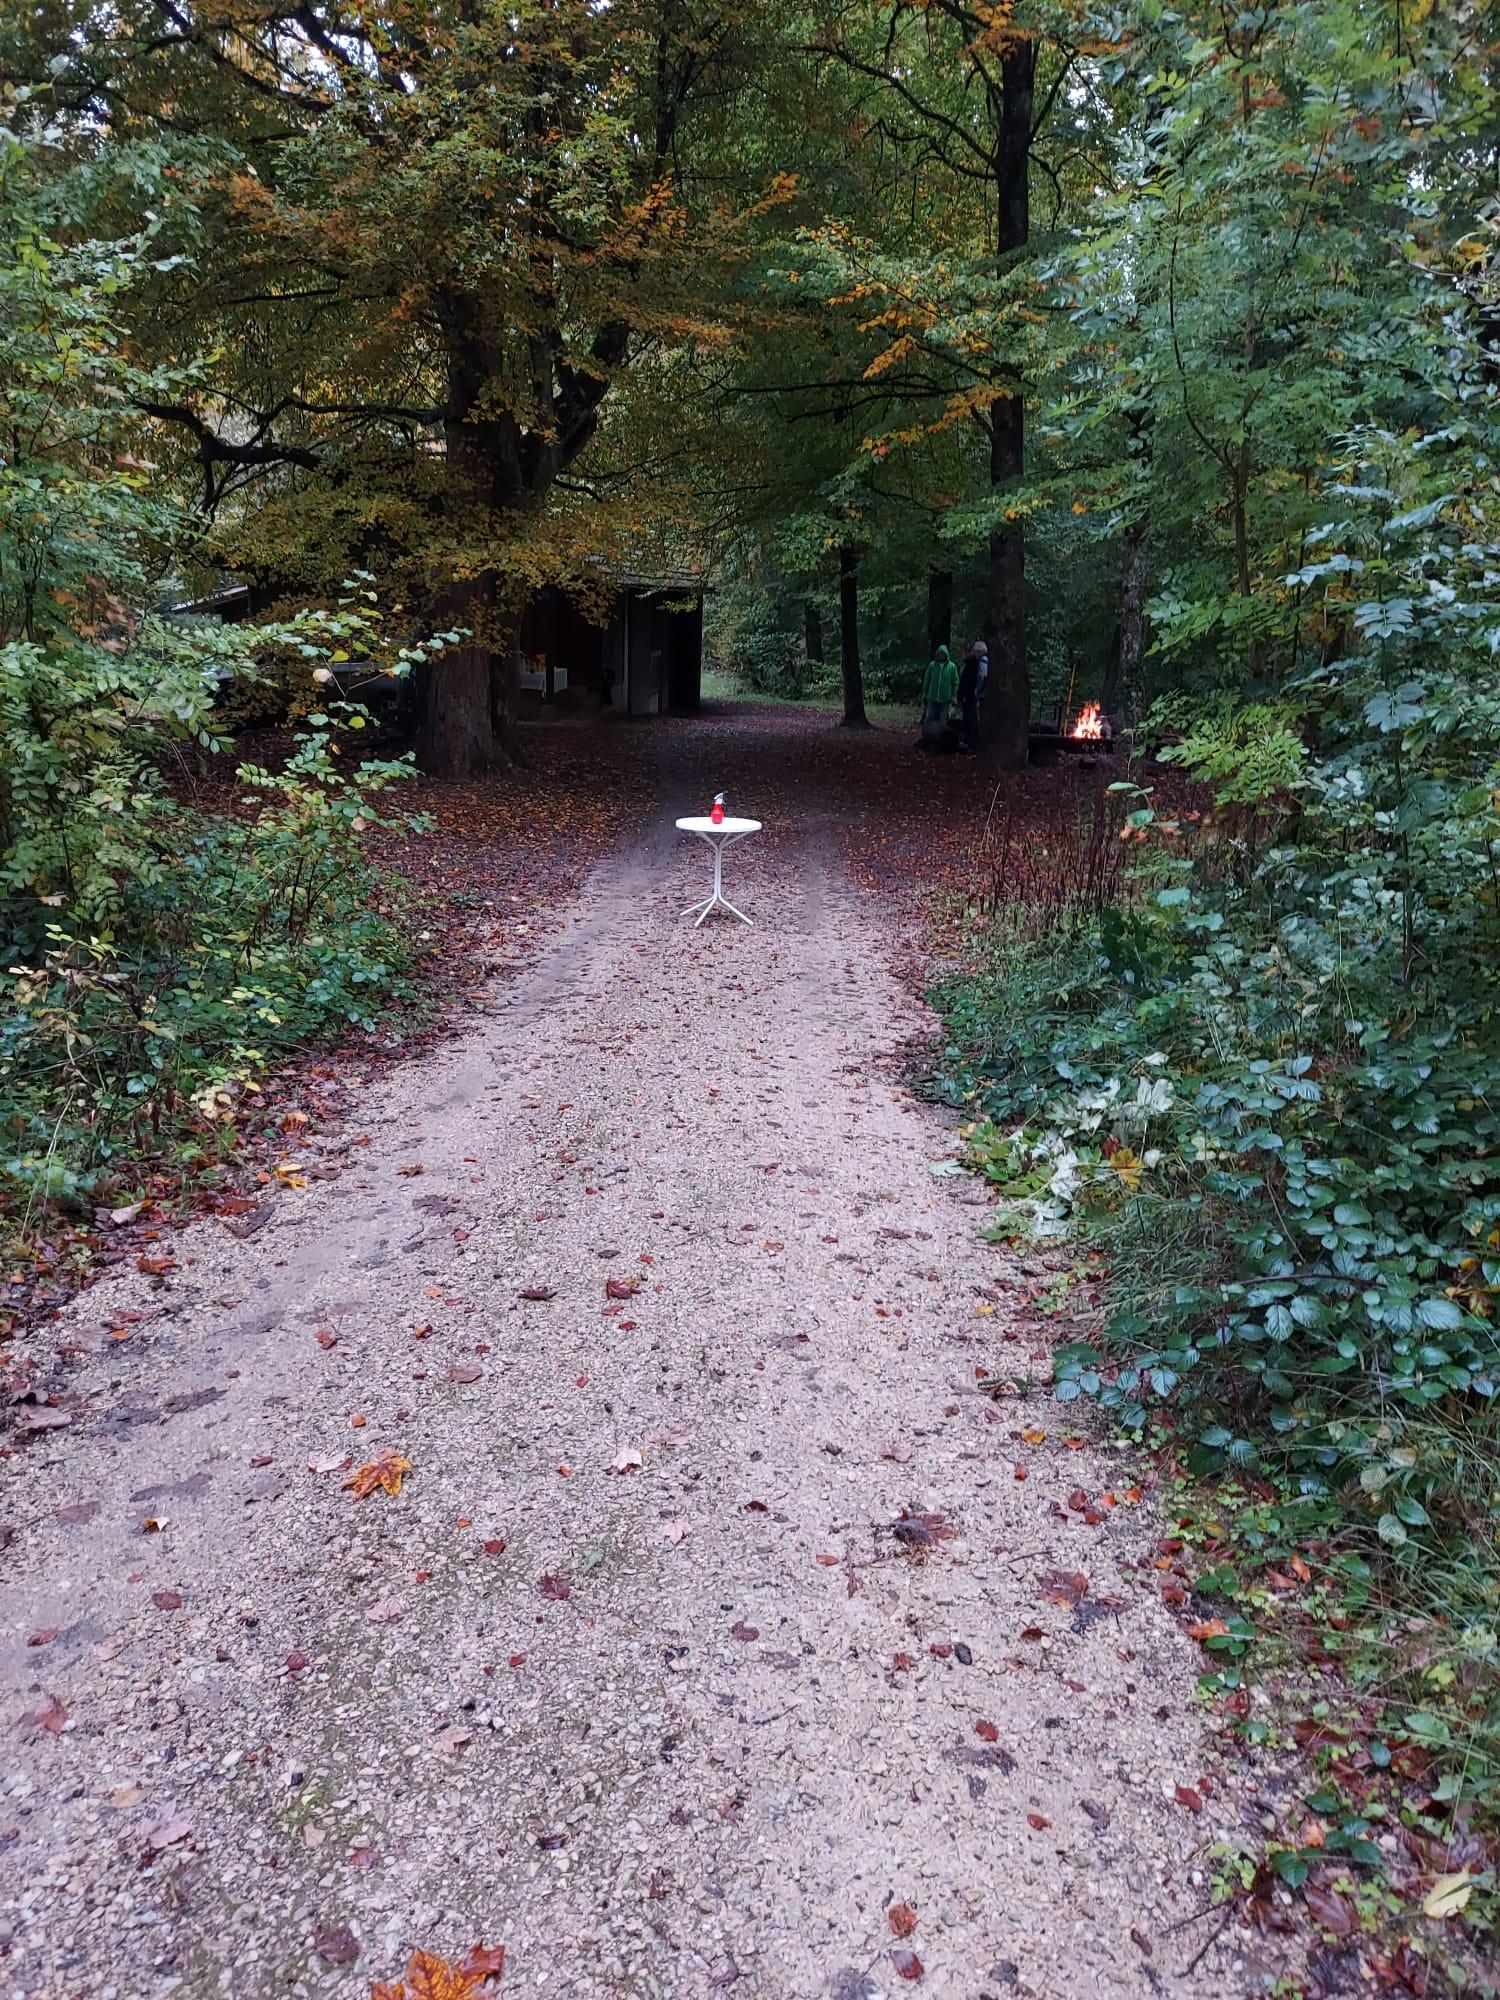 Herbst-Säuli v. 16. Okt. 20